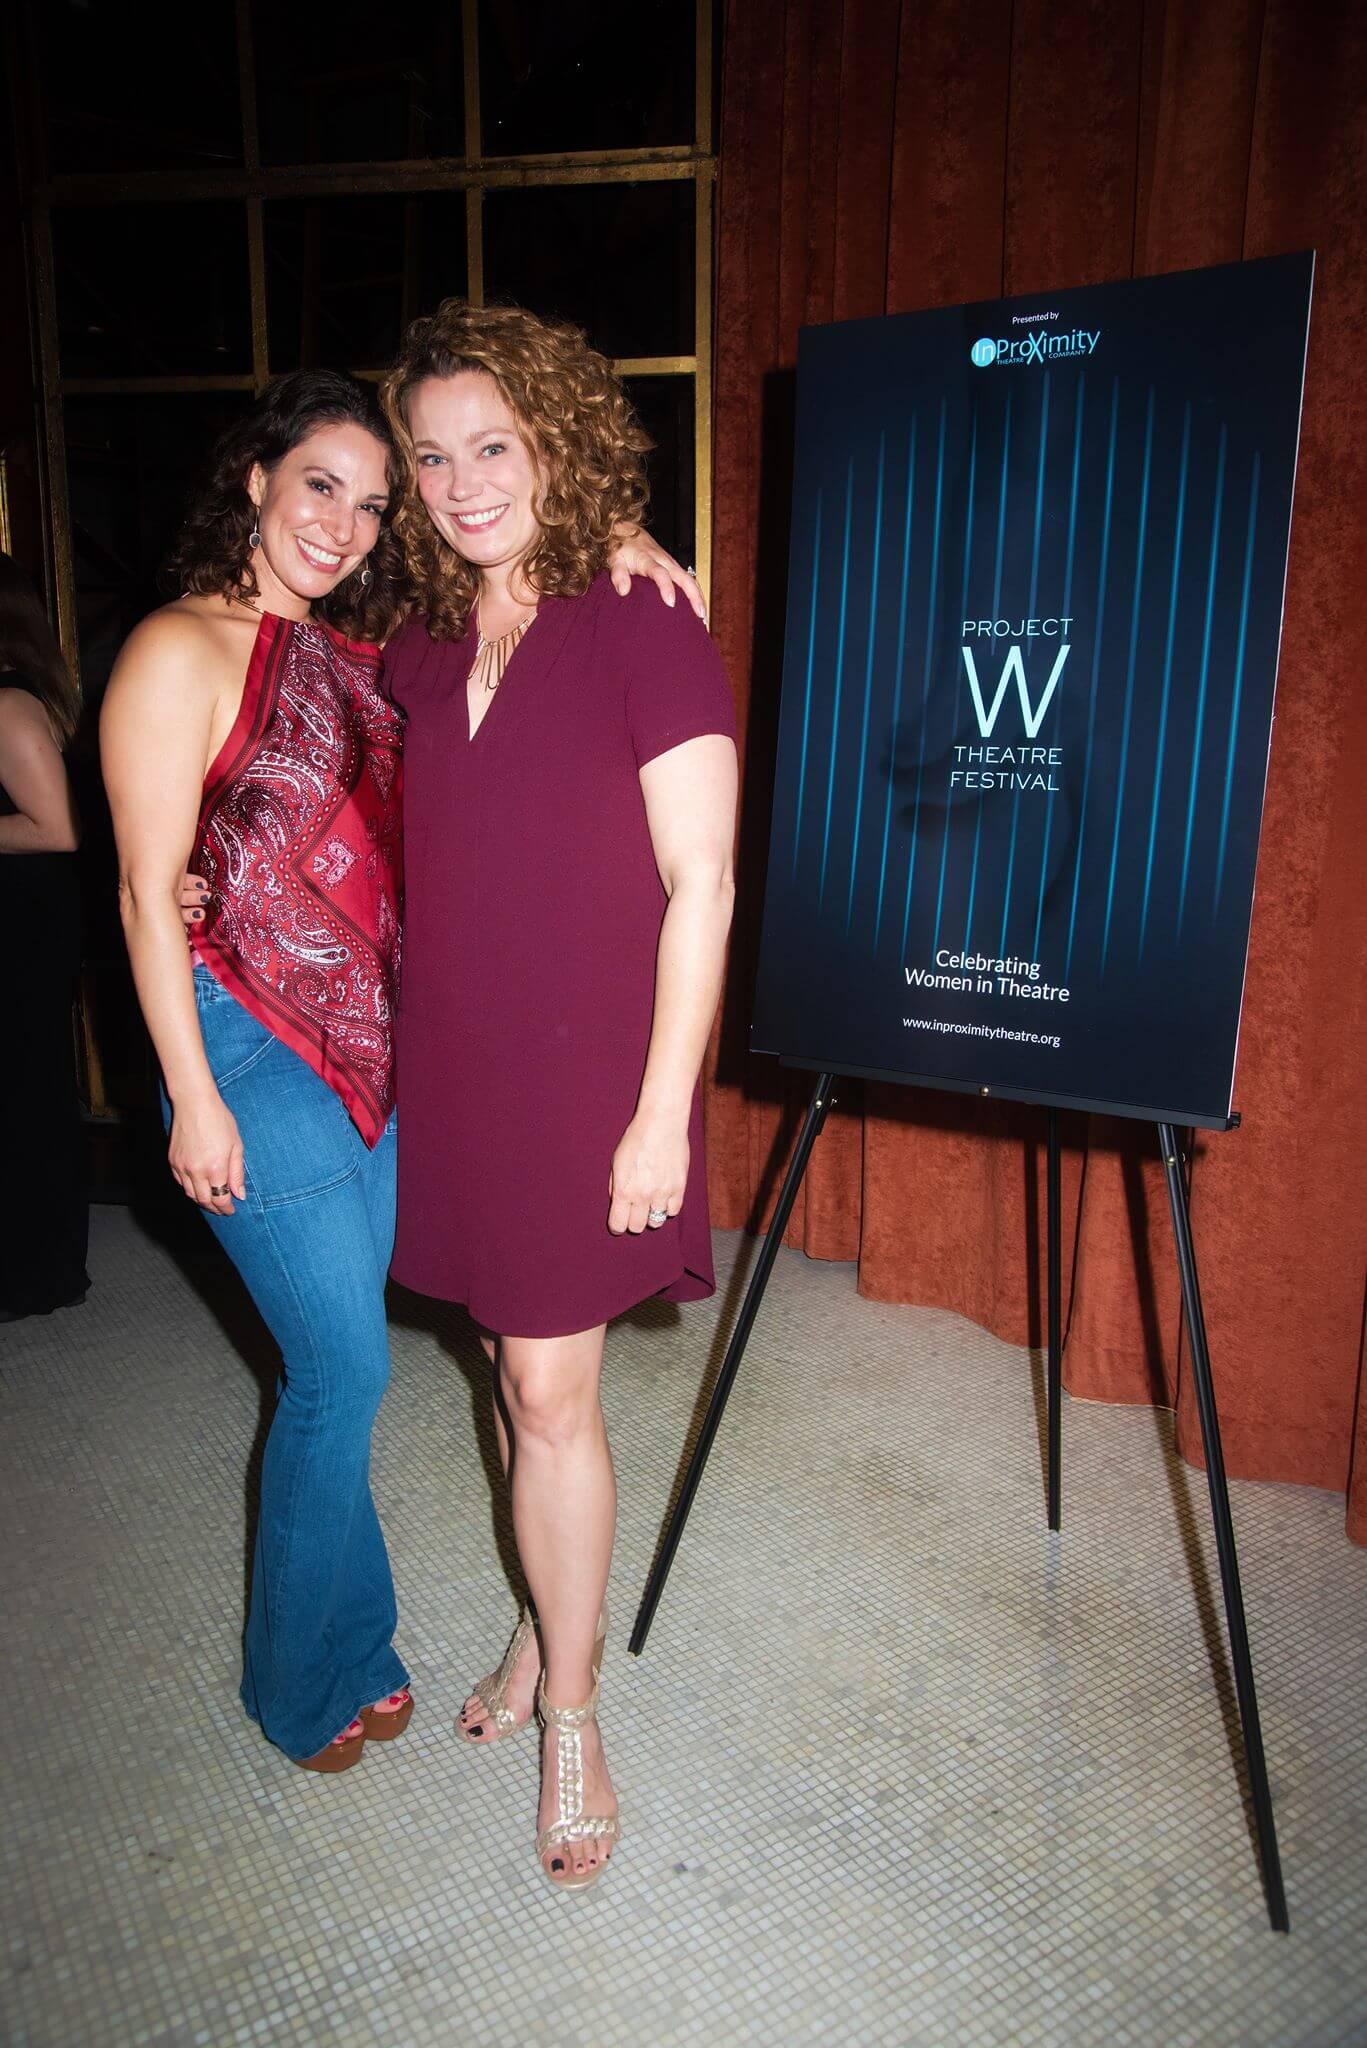 Project W Theatre Festival - Jolie Curtsinger & Laurie Schaefer